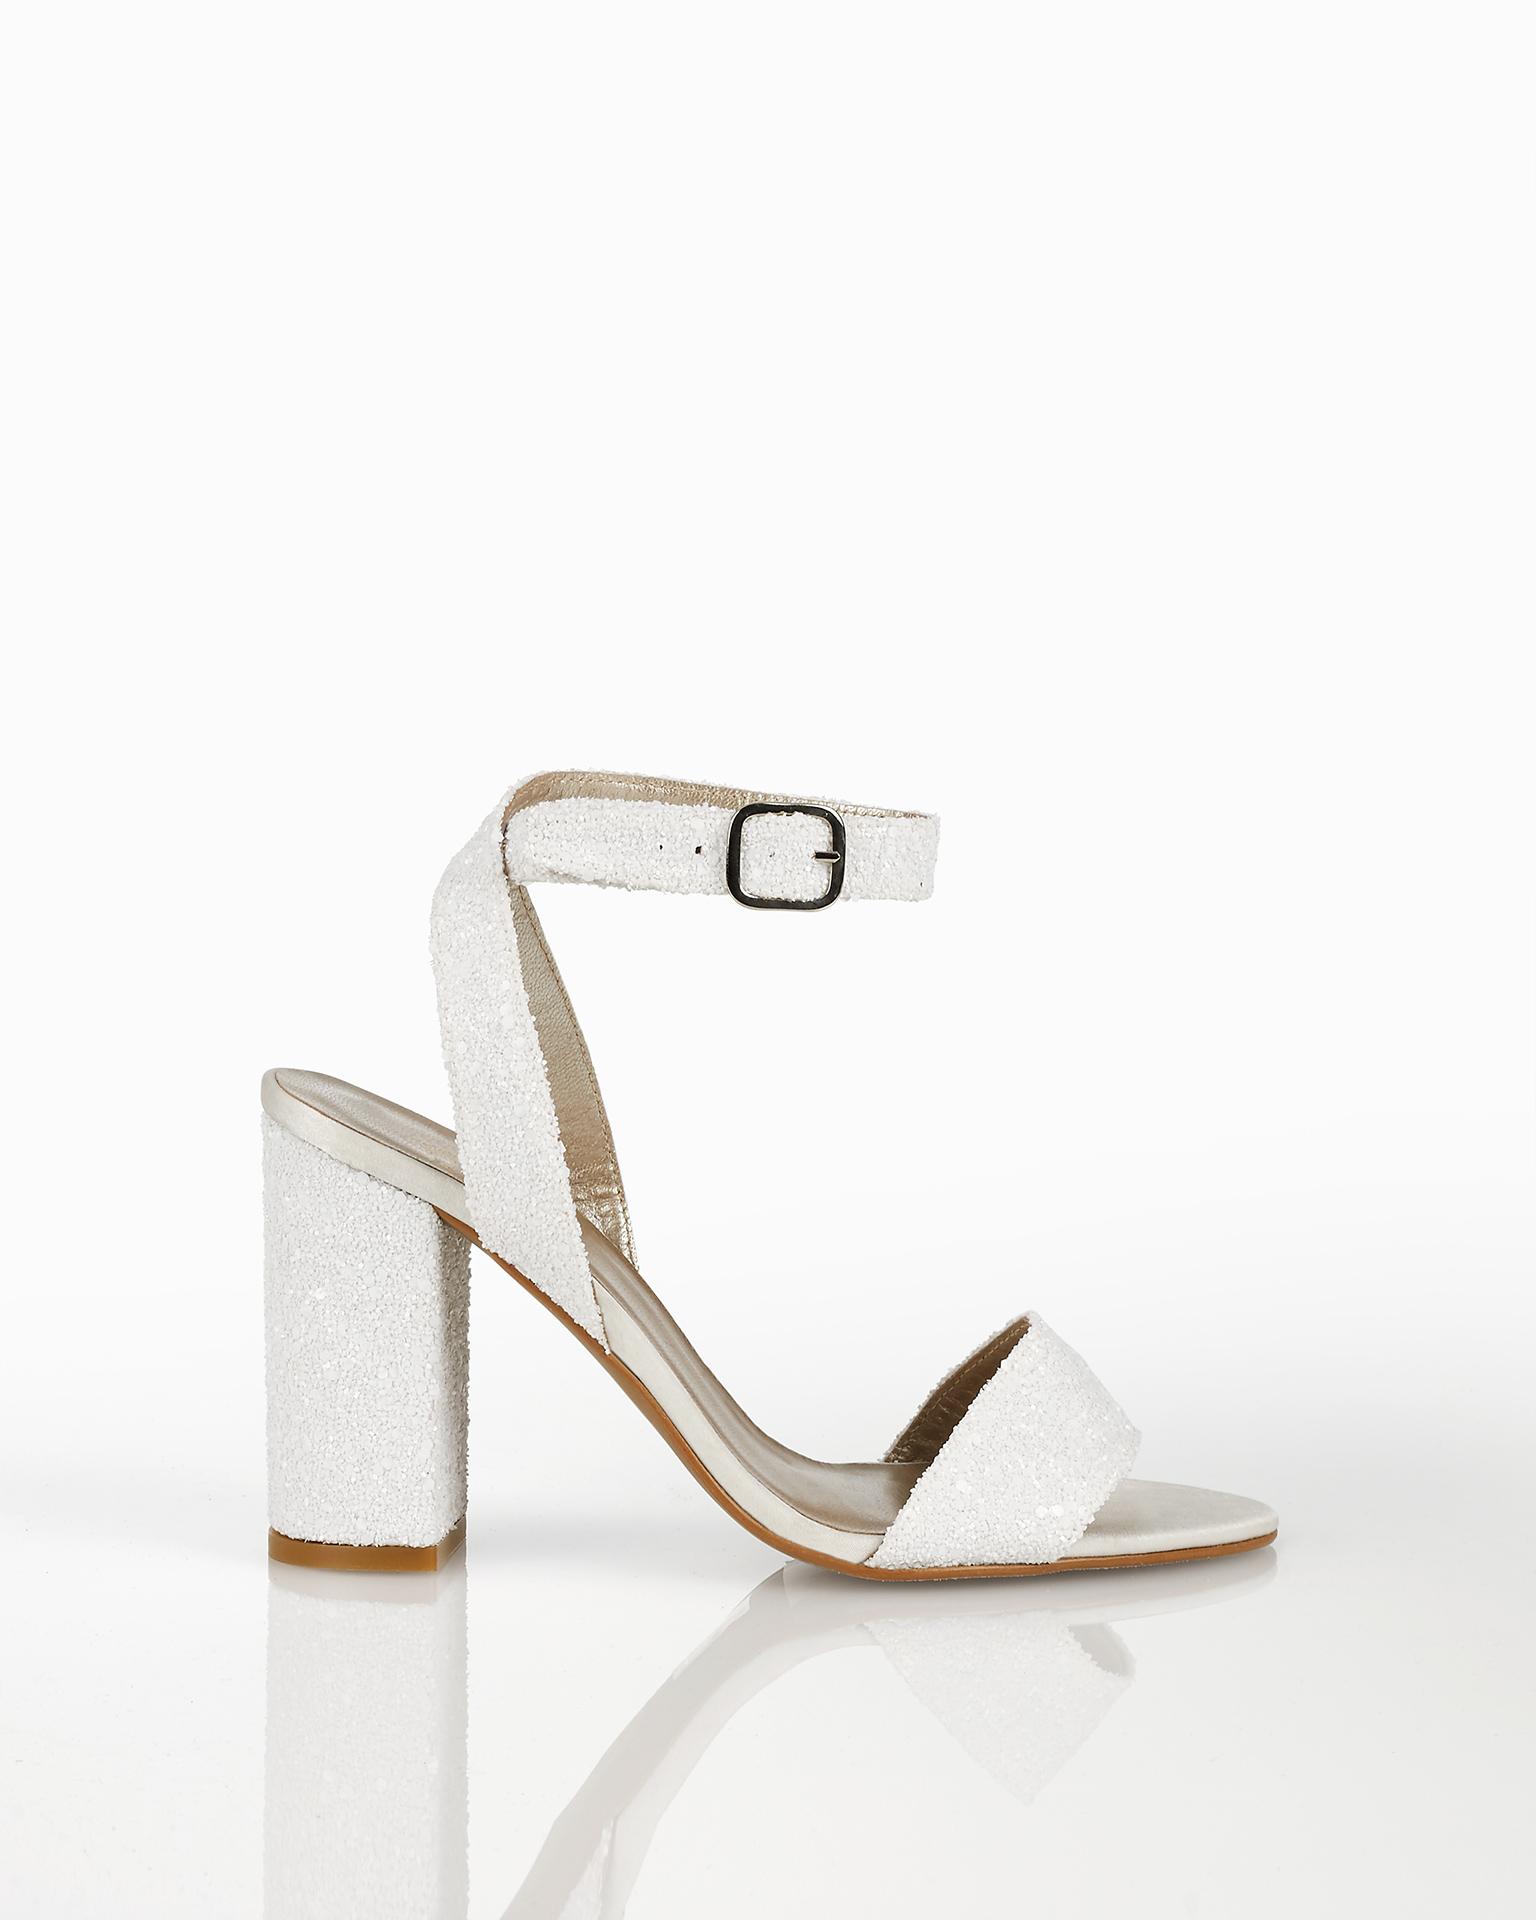 Sandalia de novia en pedrería con tacón medio, disponible en color blanco y plata Colección AIRE BARCELONA 2018.